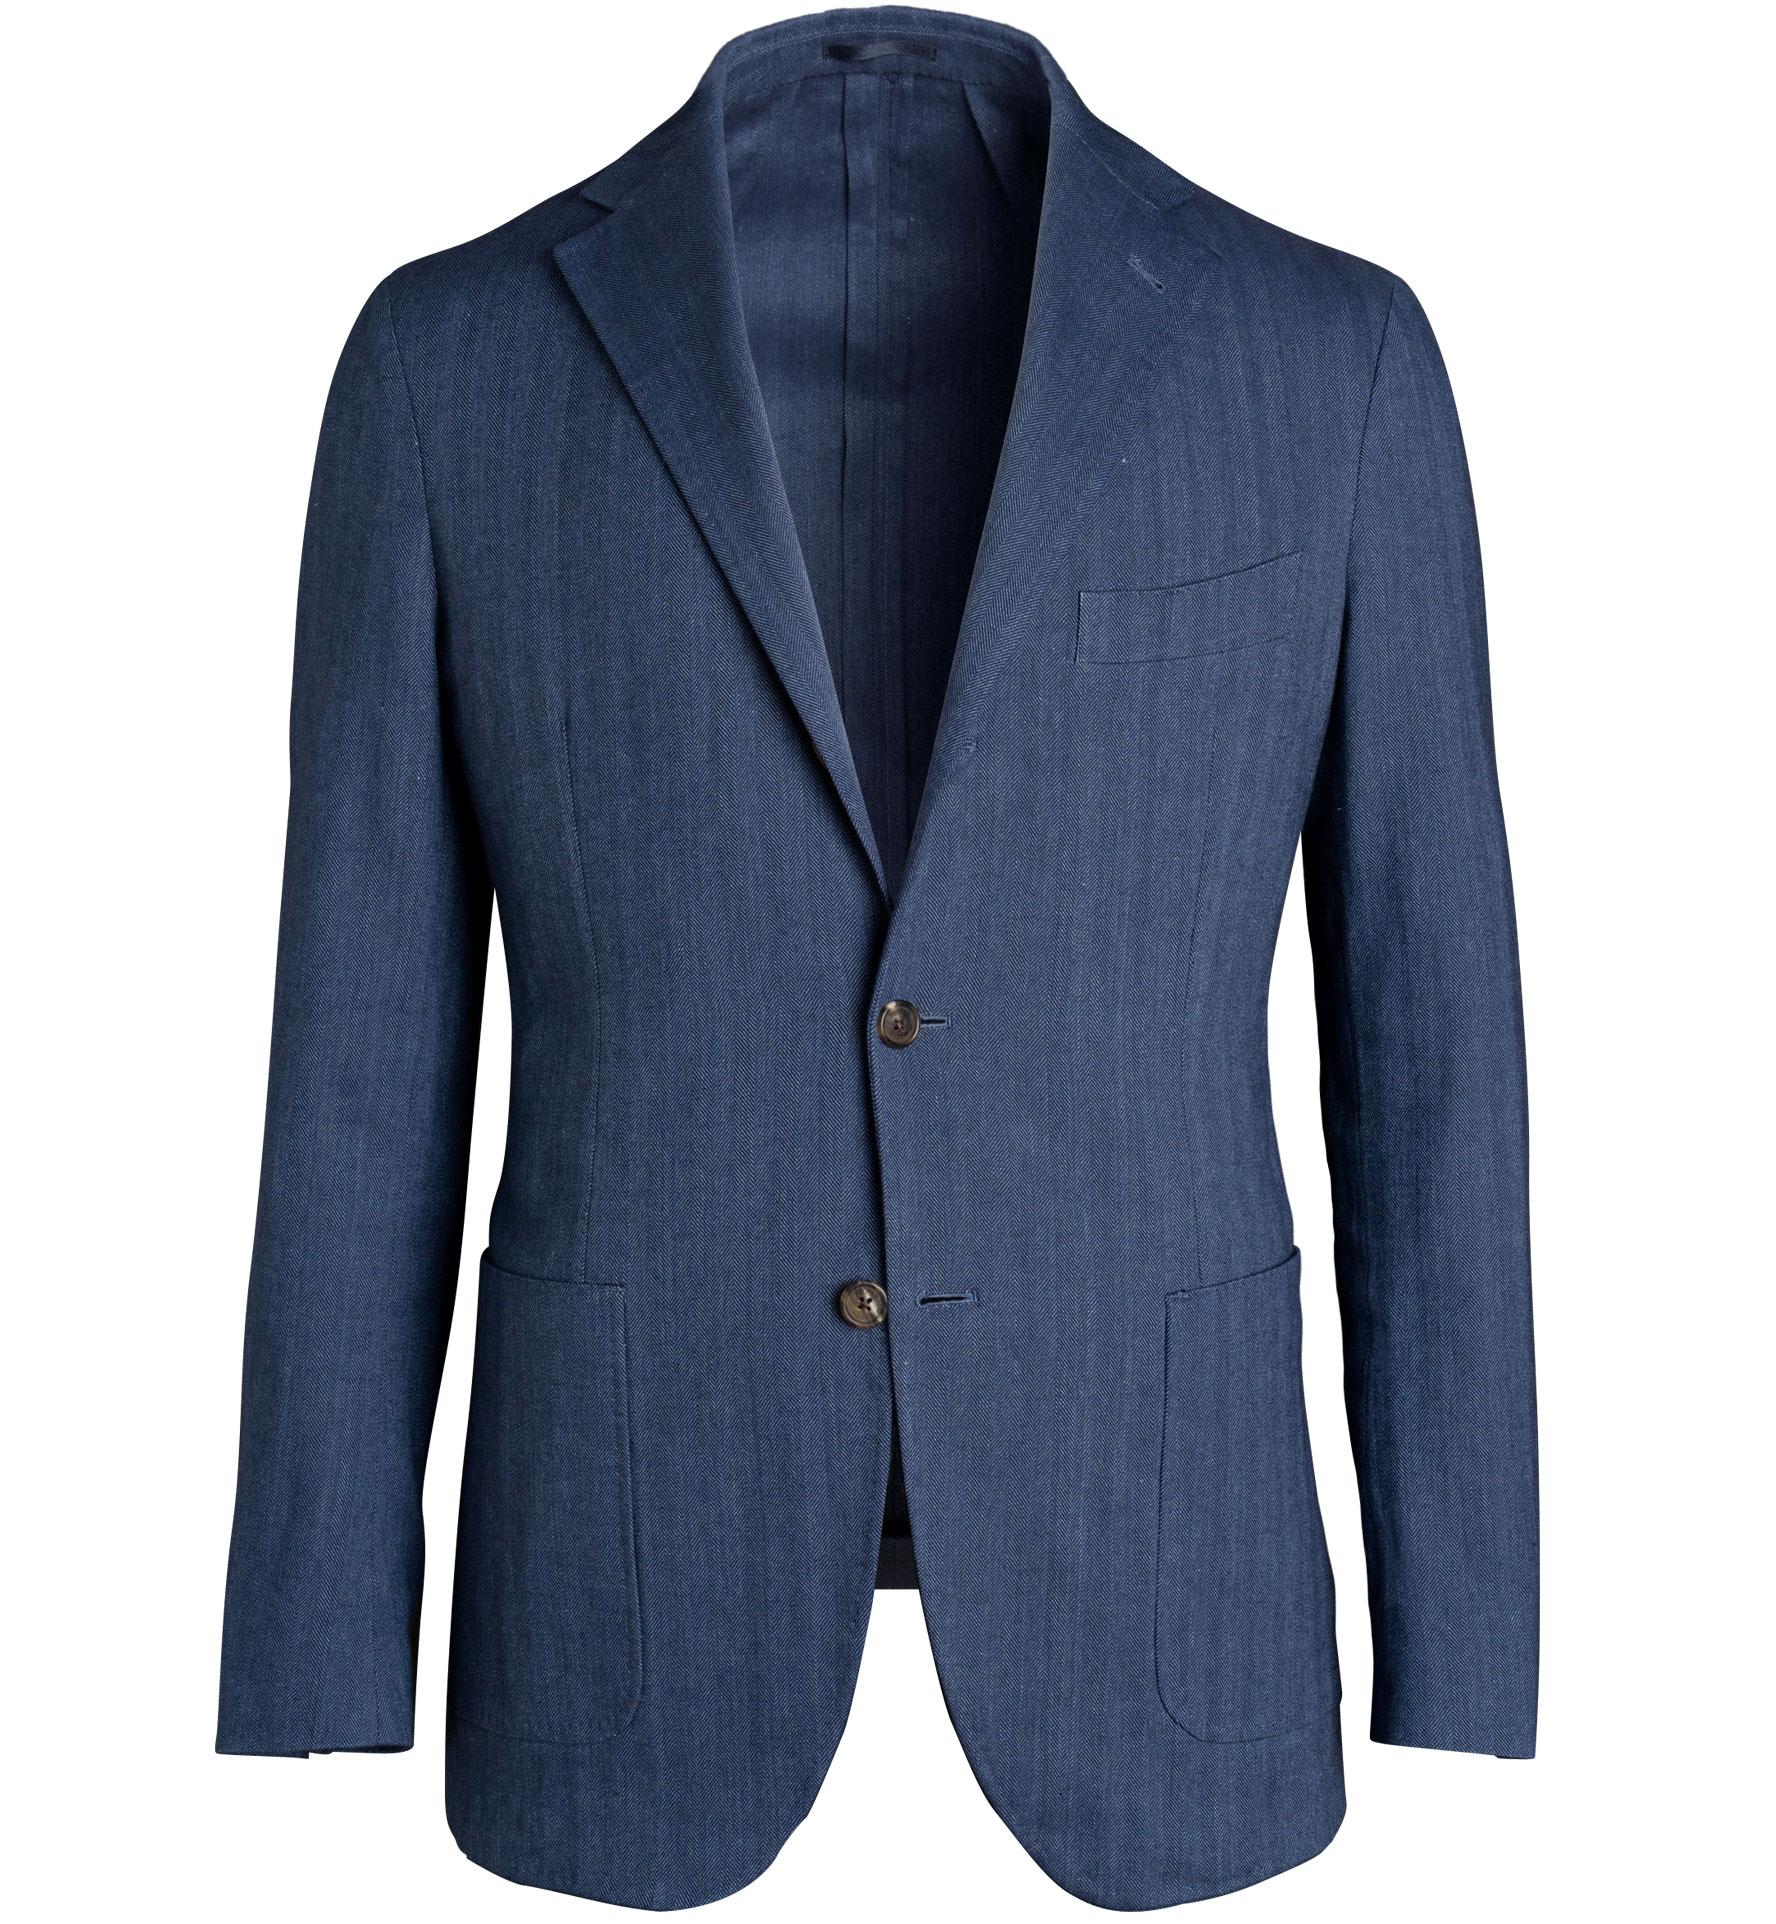 Zoom Image of Waverly Indigo Stretch Cotton and Linen Herringbone Jacket